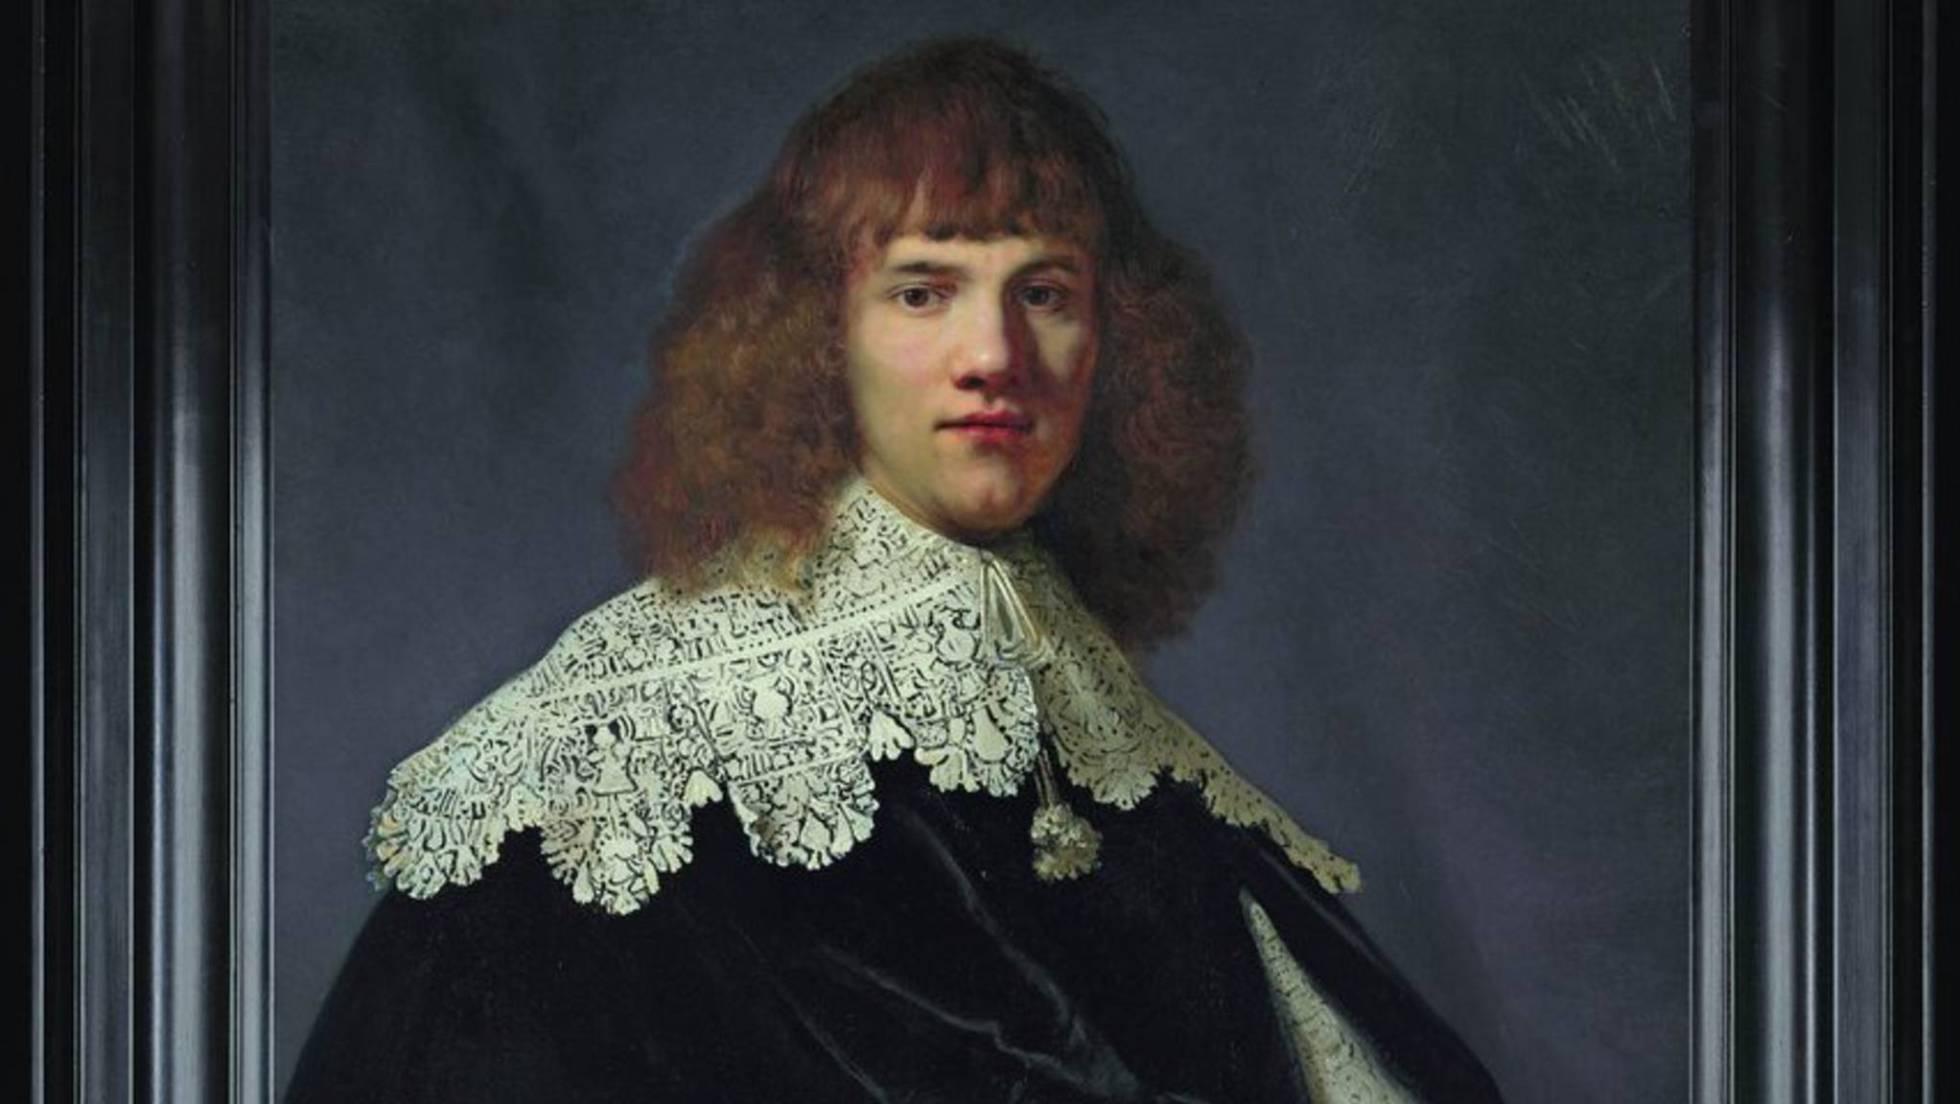 Fragmento del retrato de Rembrandt